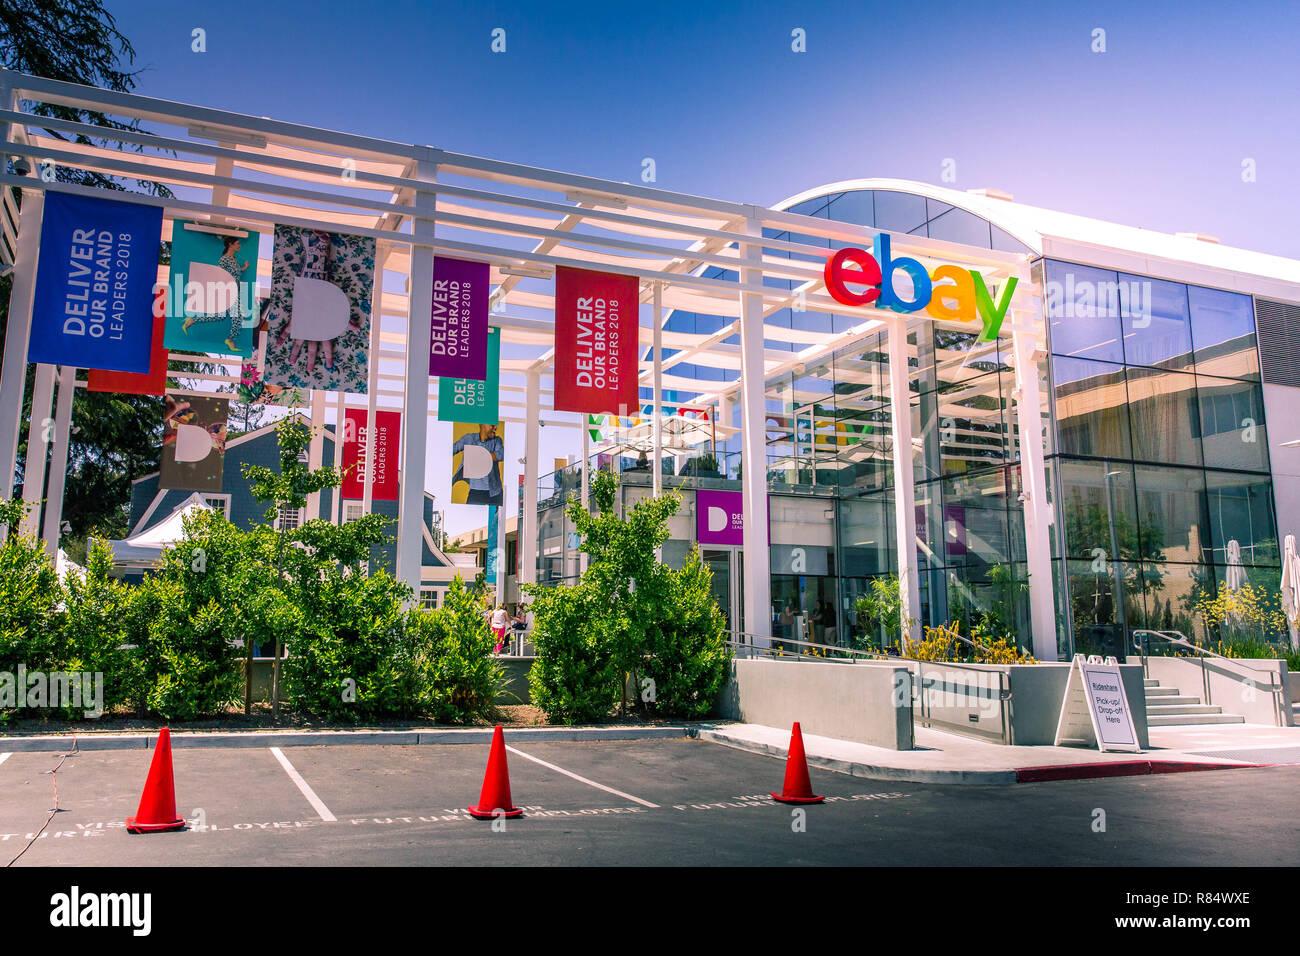 San Jose, California, USA - Mayo 21, 2018: la sede de eBay